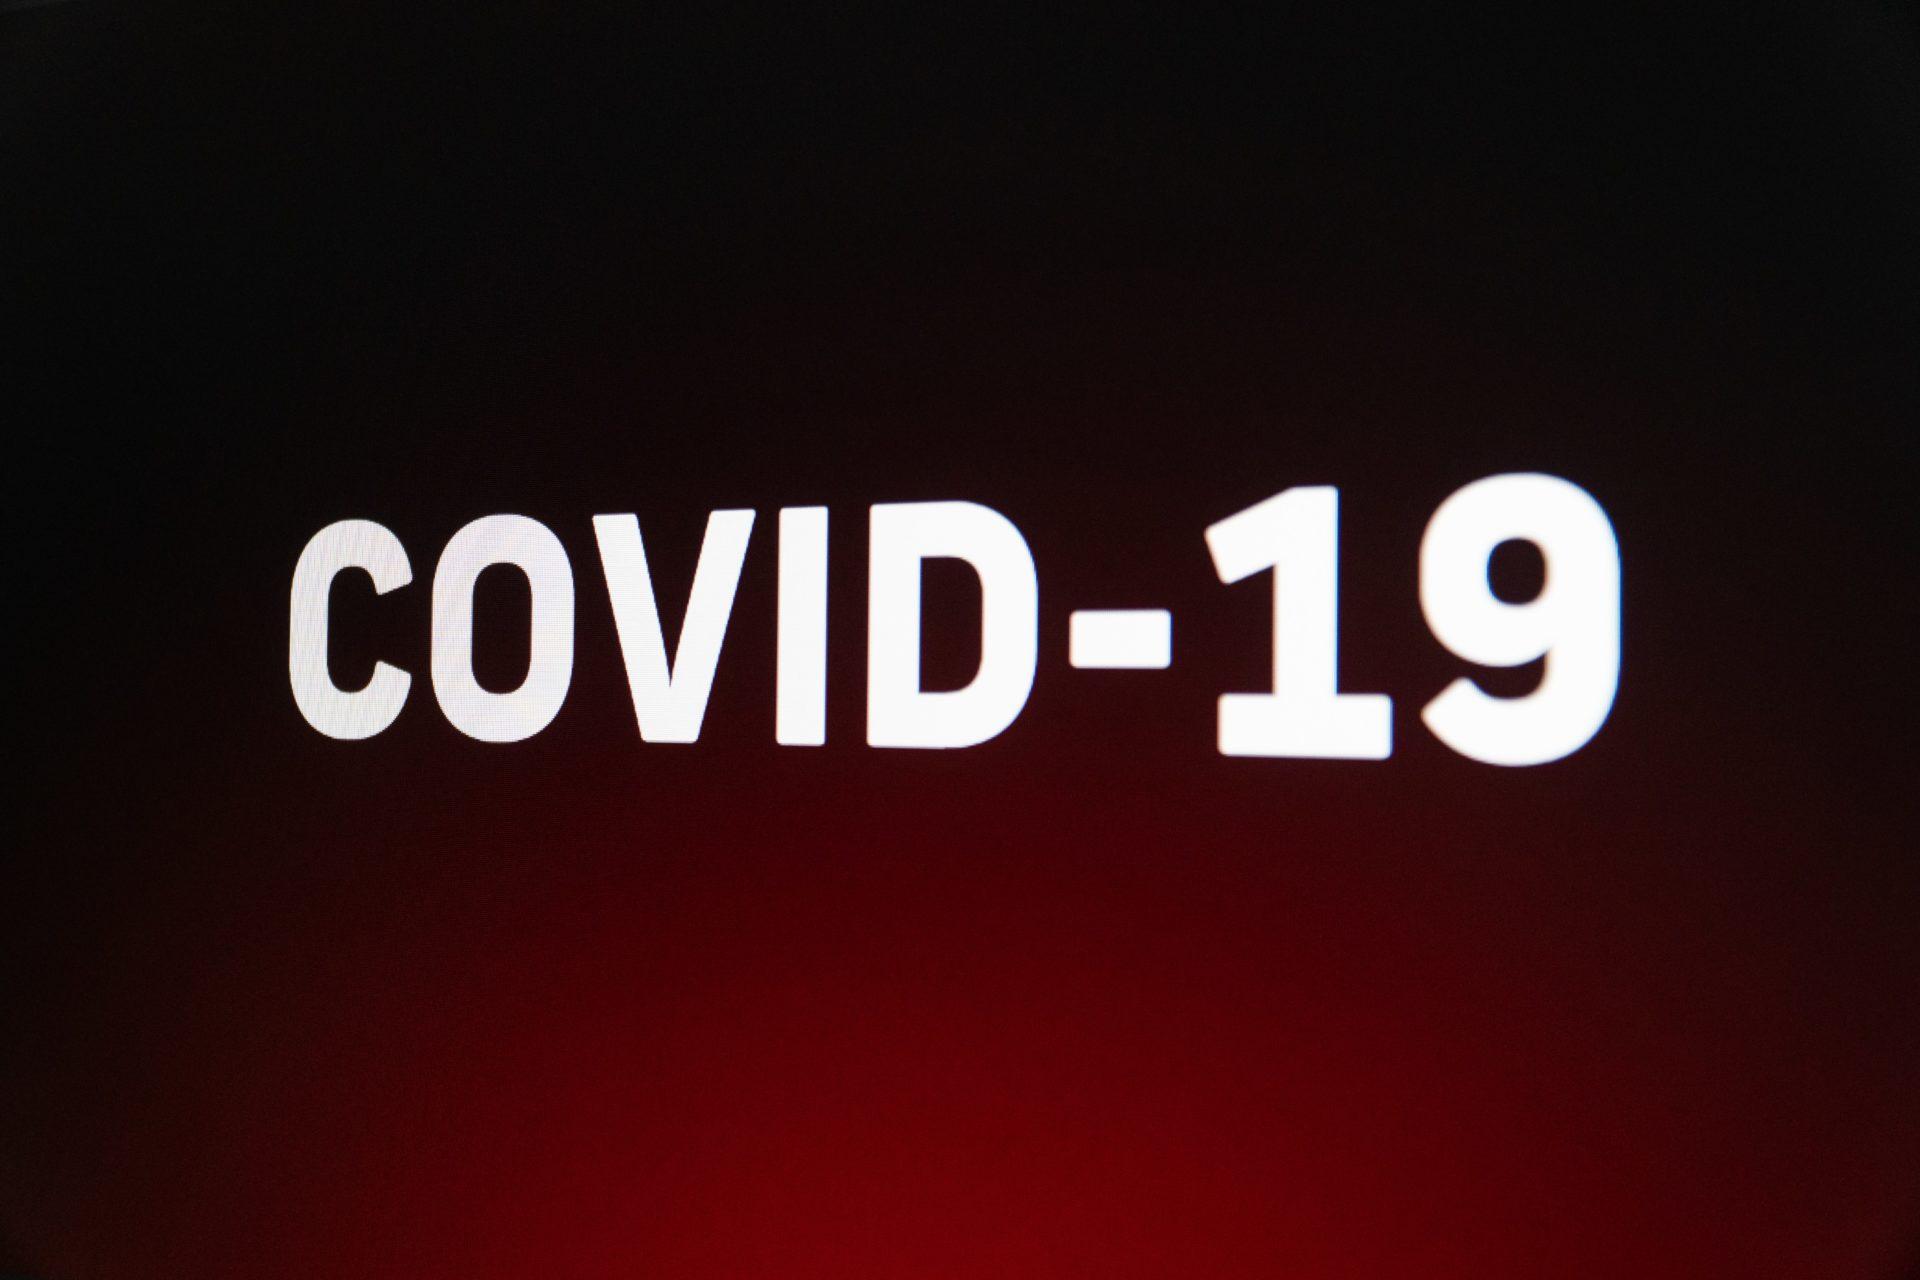 covid-19 brasil